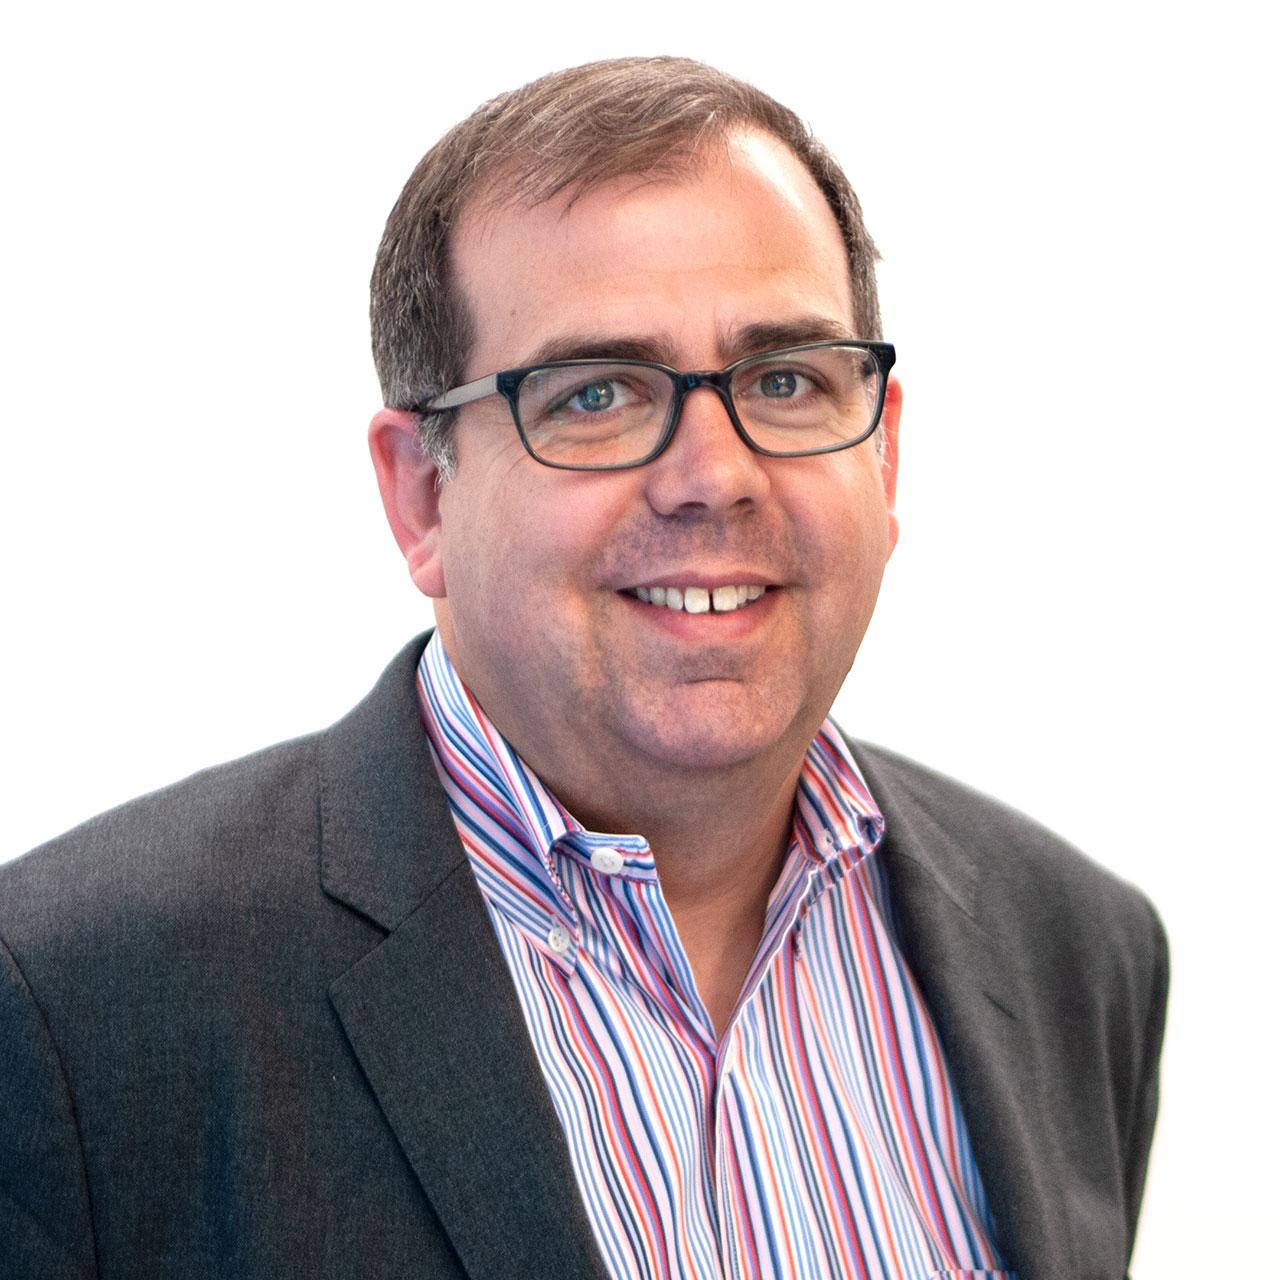 PETER WALKER - CHIEF TECHNOLOGY OFFICER